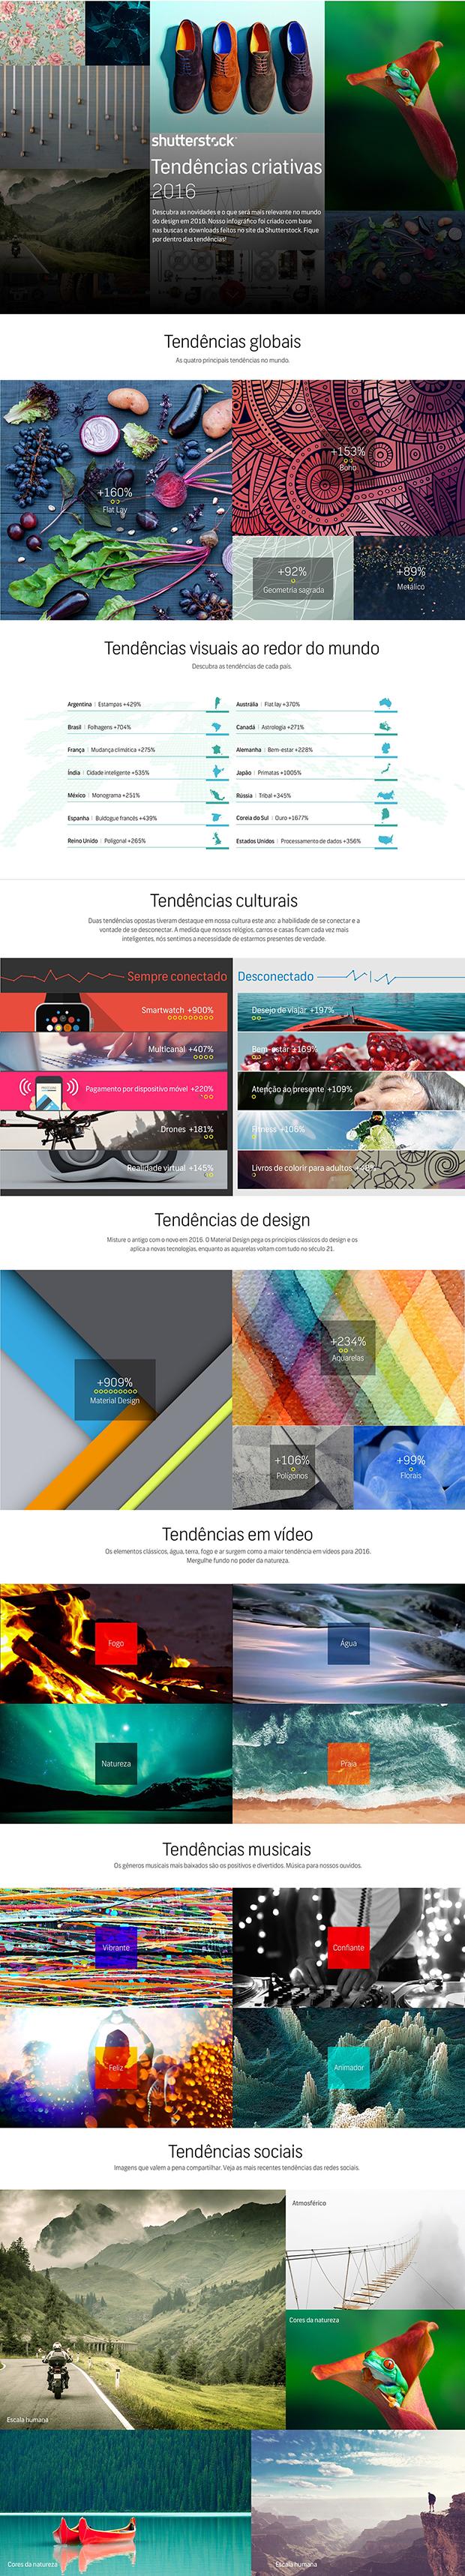 infográfico tendências criativas 2016 design shutterstock